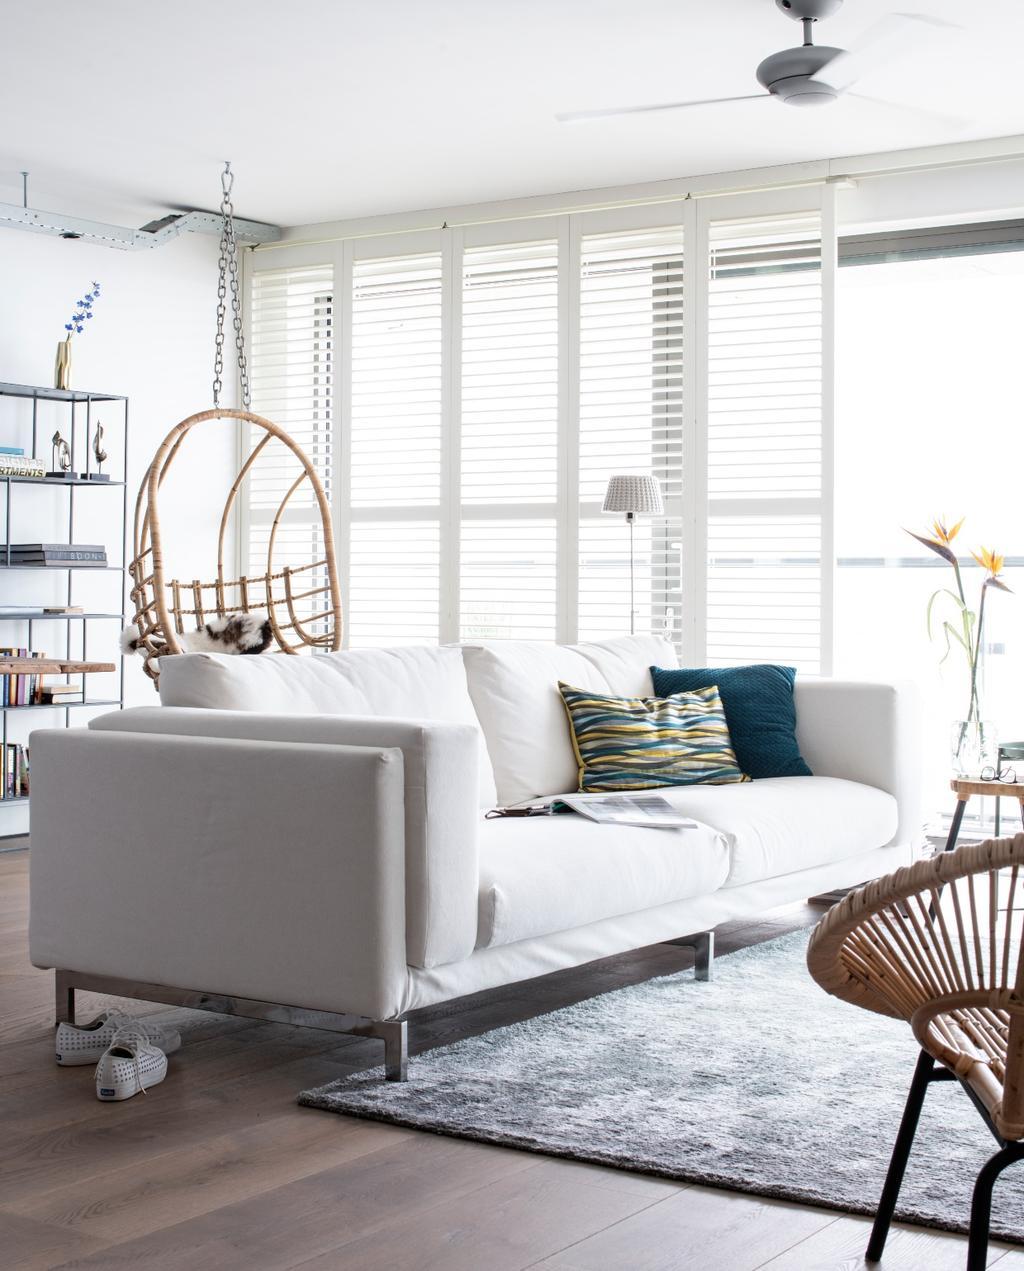 vtwonen bk special 03-2020 | binnenkijken Almere woonkamer met witte bank